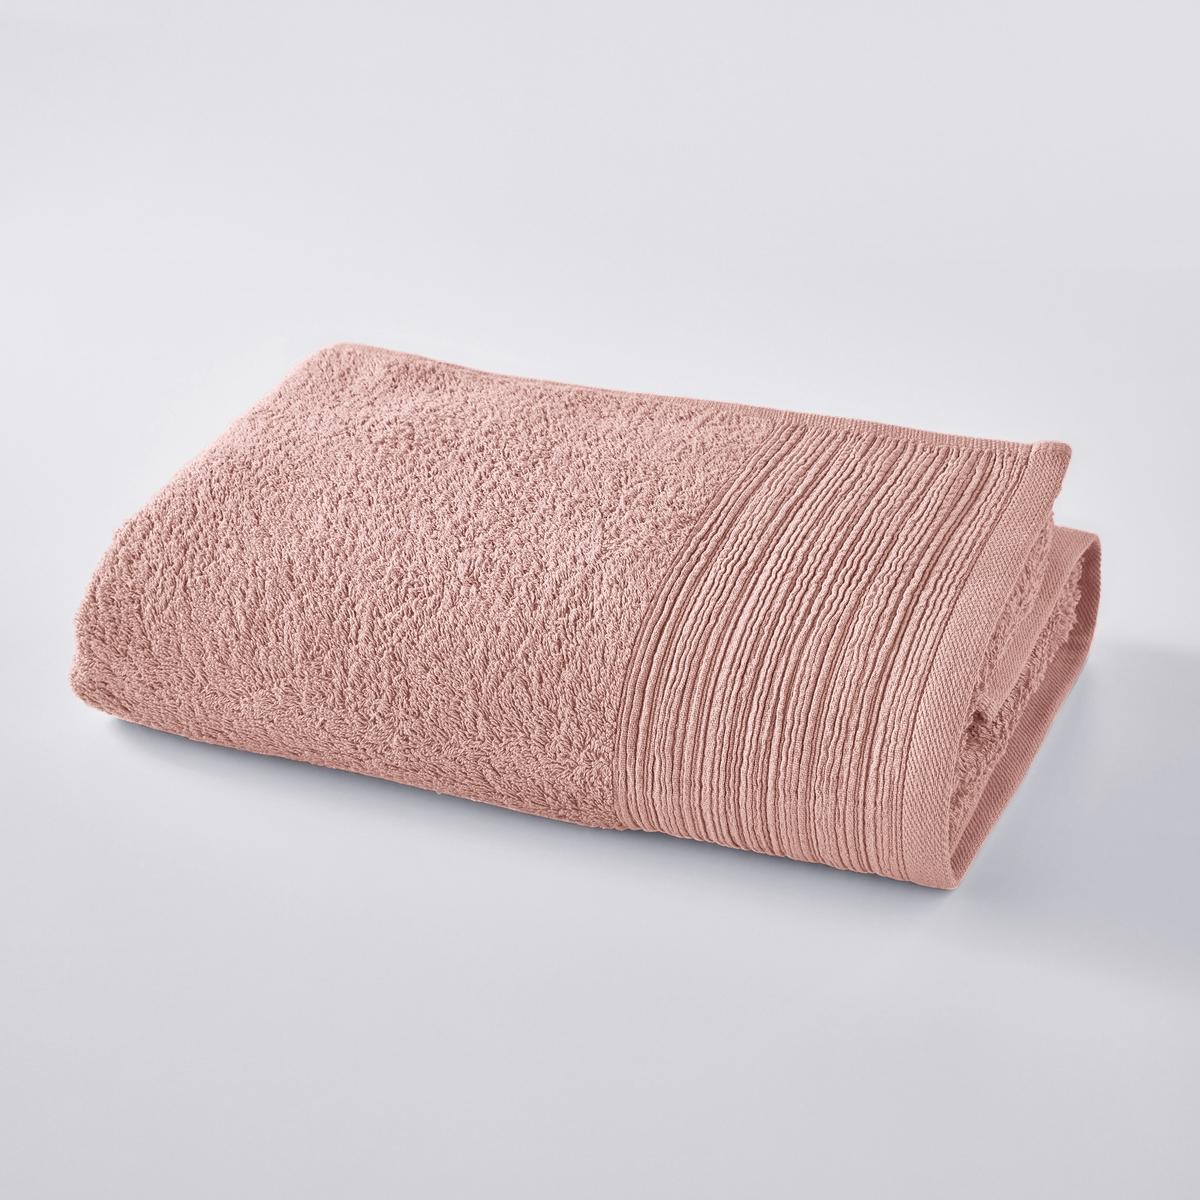 Полотенце банное большое однотонное из махровой ткани из биохлопкаОписание:Однотонное большое банное полотенце из махровой ткани из биохлопка: очень мягкое и приятное наощупь. Биохлопок сохраняет окружающую среду и здоровье людей, возделывающих его.   Характеристики однотонного большого банного полотенца из биохлопка :- Махровая ткань, 100% органического хлопка (500 г/м?) отличного качества.- Отделка плиссированной кромкой.- Машинная стирка при 60 °С.- Машинная сушка.- Замечательная износоустойчивость, сохраняет мягкость и яркость окраски после многочисленных стирок.- Размеры : 100 x 150 см.Знак Oeko-Tex® гарантирует, что товары прошли проверку и были изготовлены без применения вредных для здоровья человека веществ.<br><br>Цвет: желтый кукурузный,кирпичный,розовая пудра